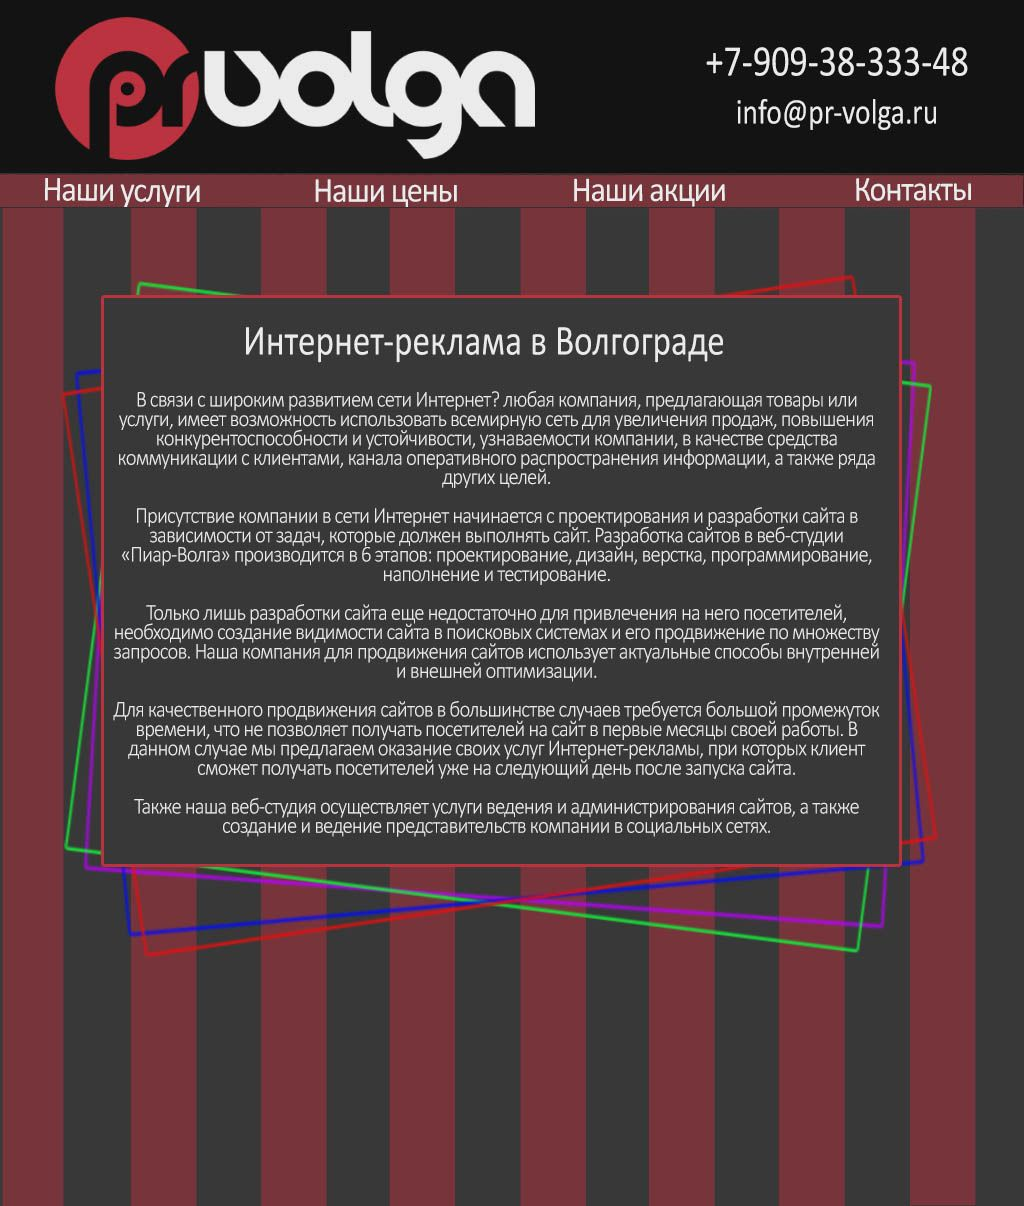 Дизайн сайта рекламного агентства - дизайнер TerezaDS